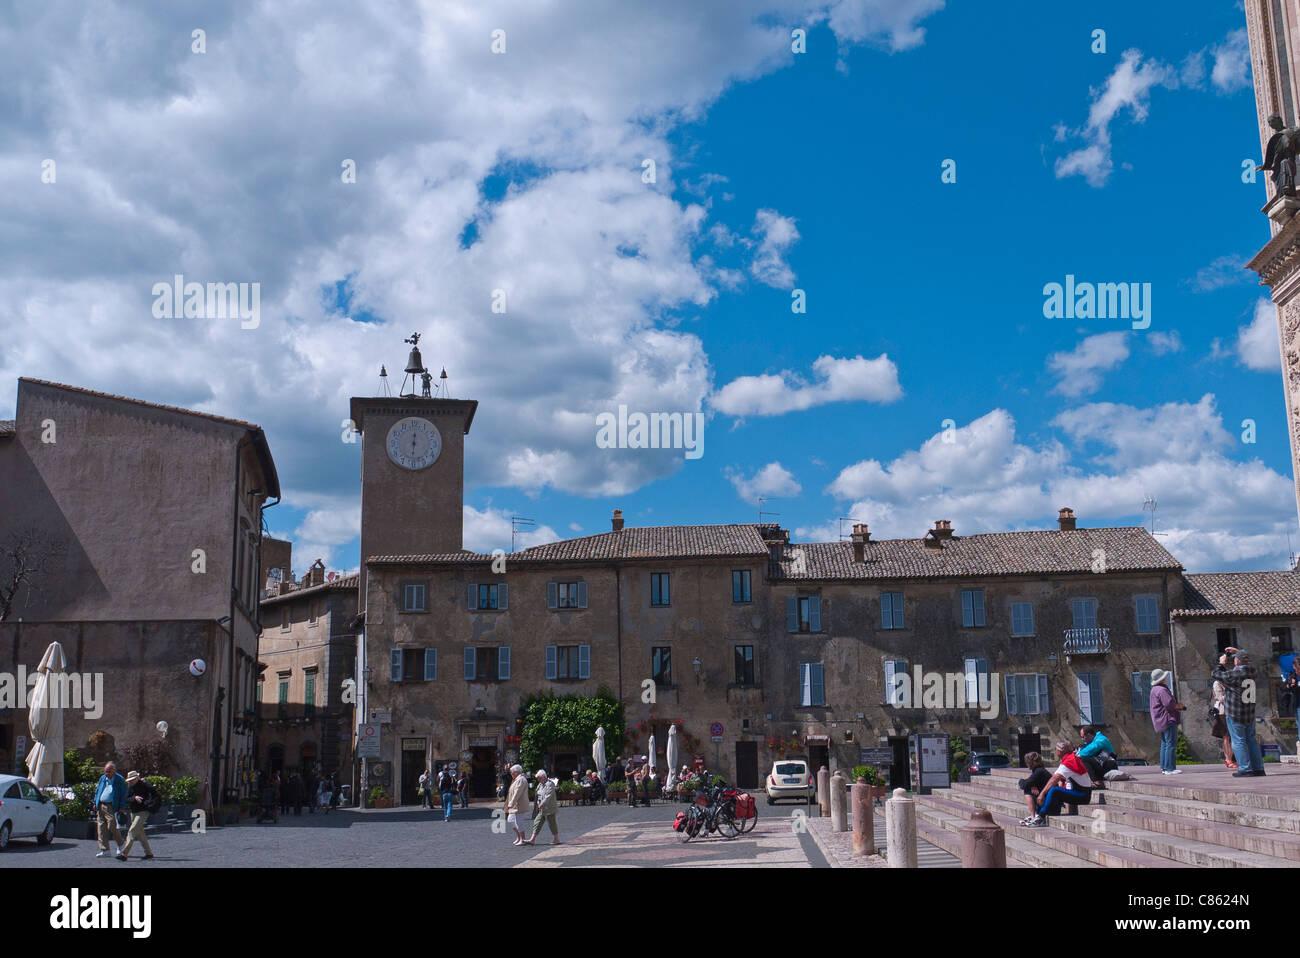 Eine totale des Turmes Maurizio und der umliegenden Gebäude befindet sich auf der Piazza del Duomo in Orvieto, Stockbild